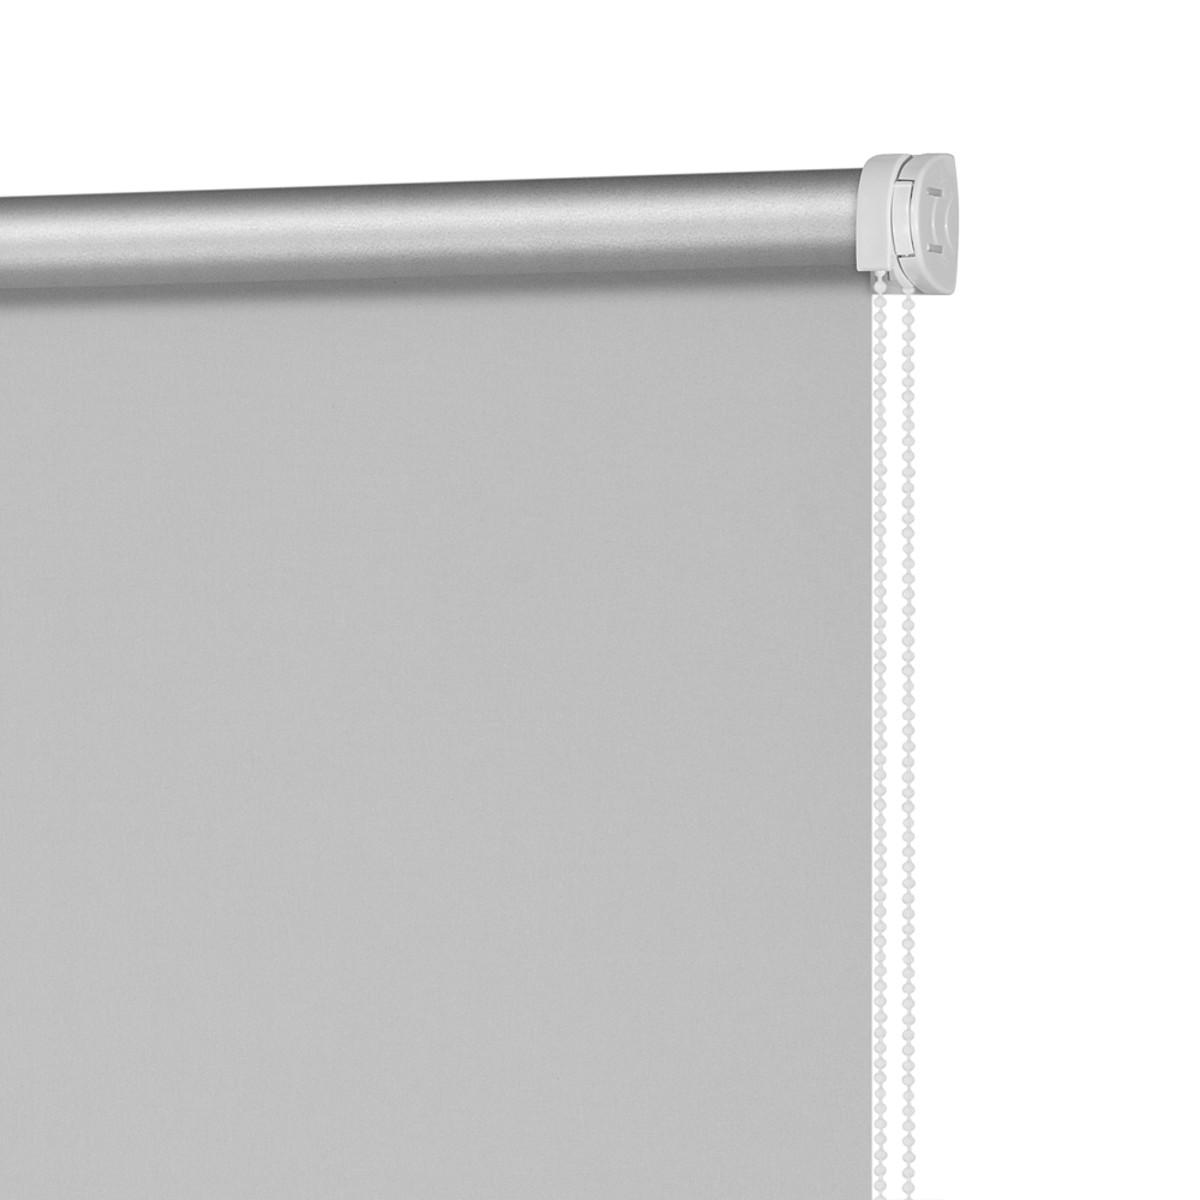 Рулонная Ора Decofest Блэкаут Плайн 60Х160 Цвет Серый